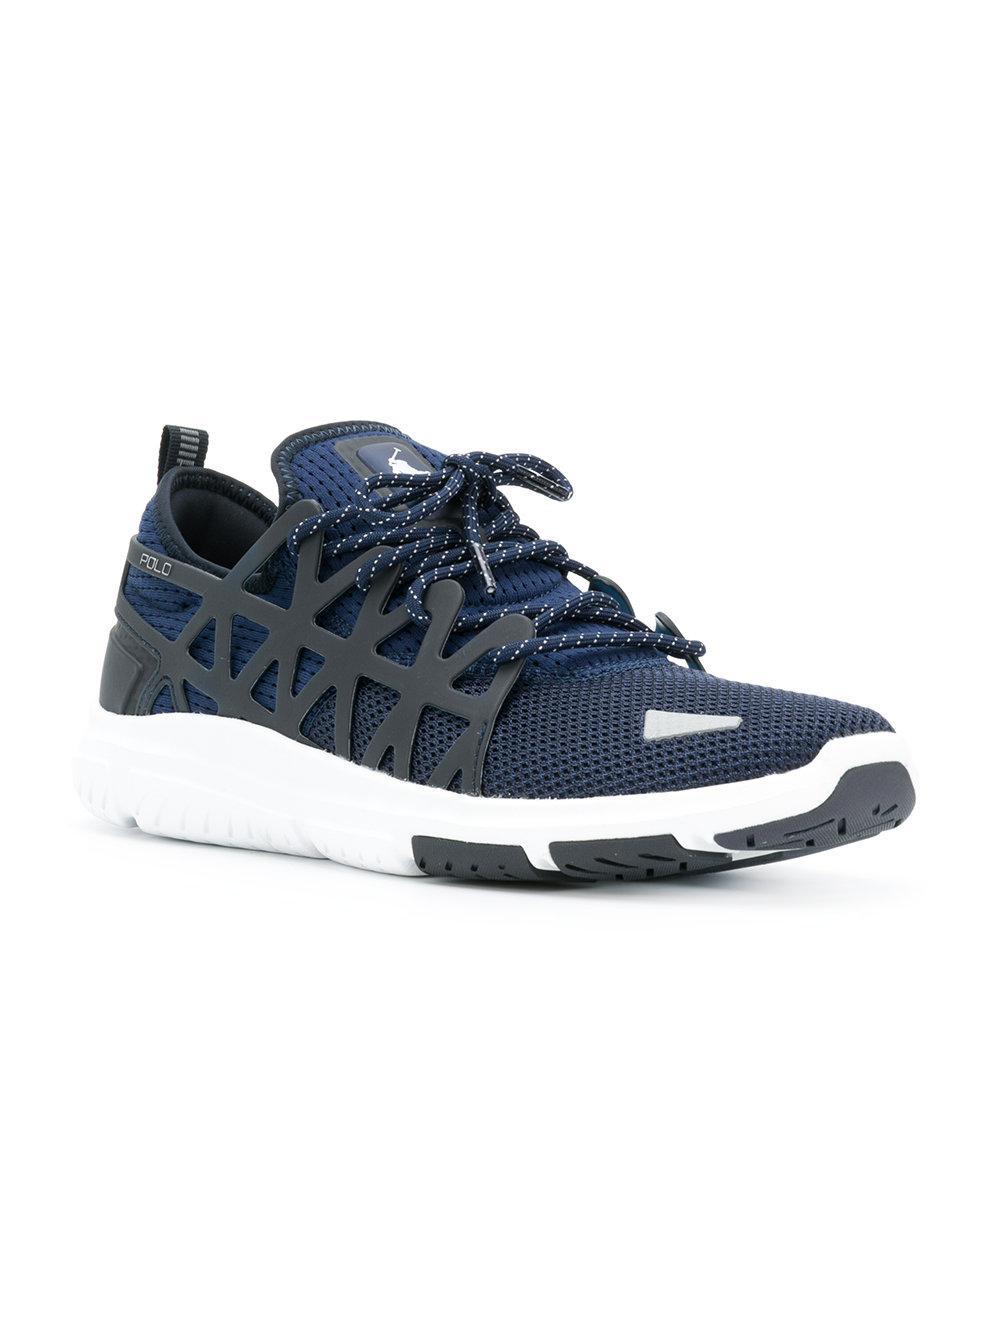 94fc774d6ec458 Polo Ralph Lauren Train 200 Sneakers in Blue for Men - Lyst